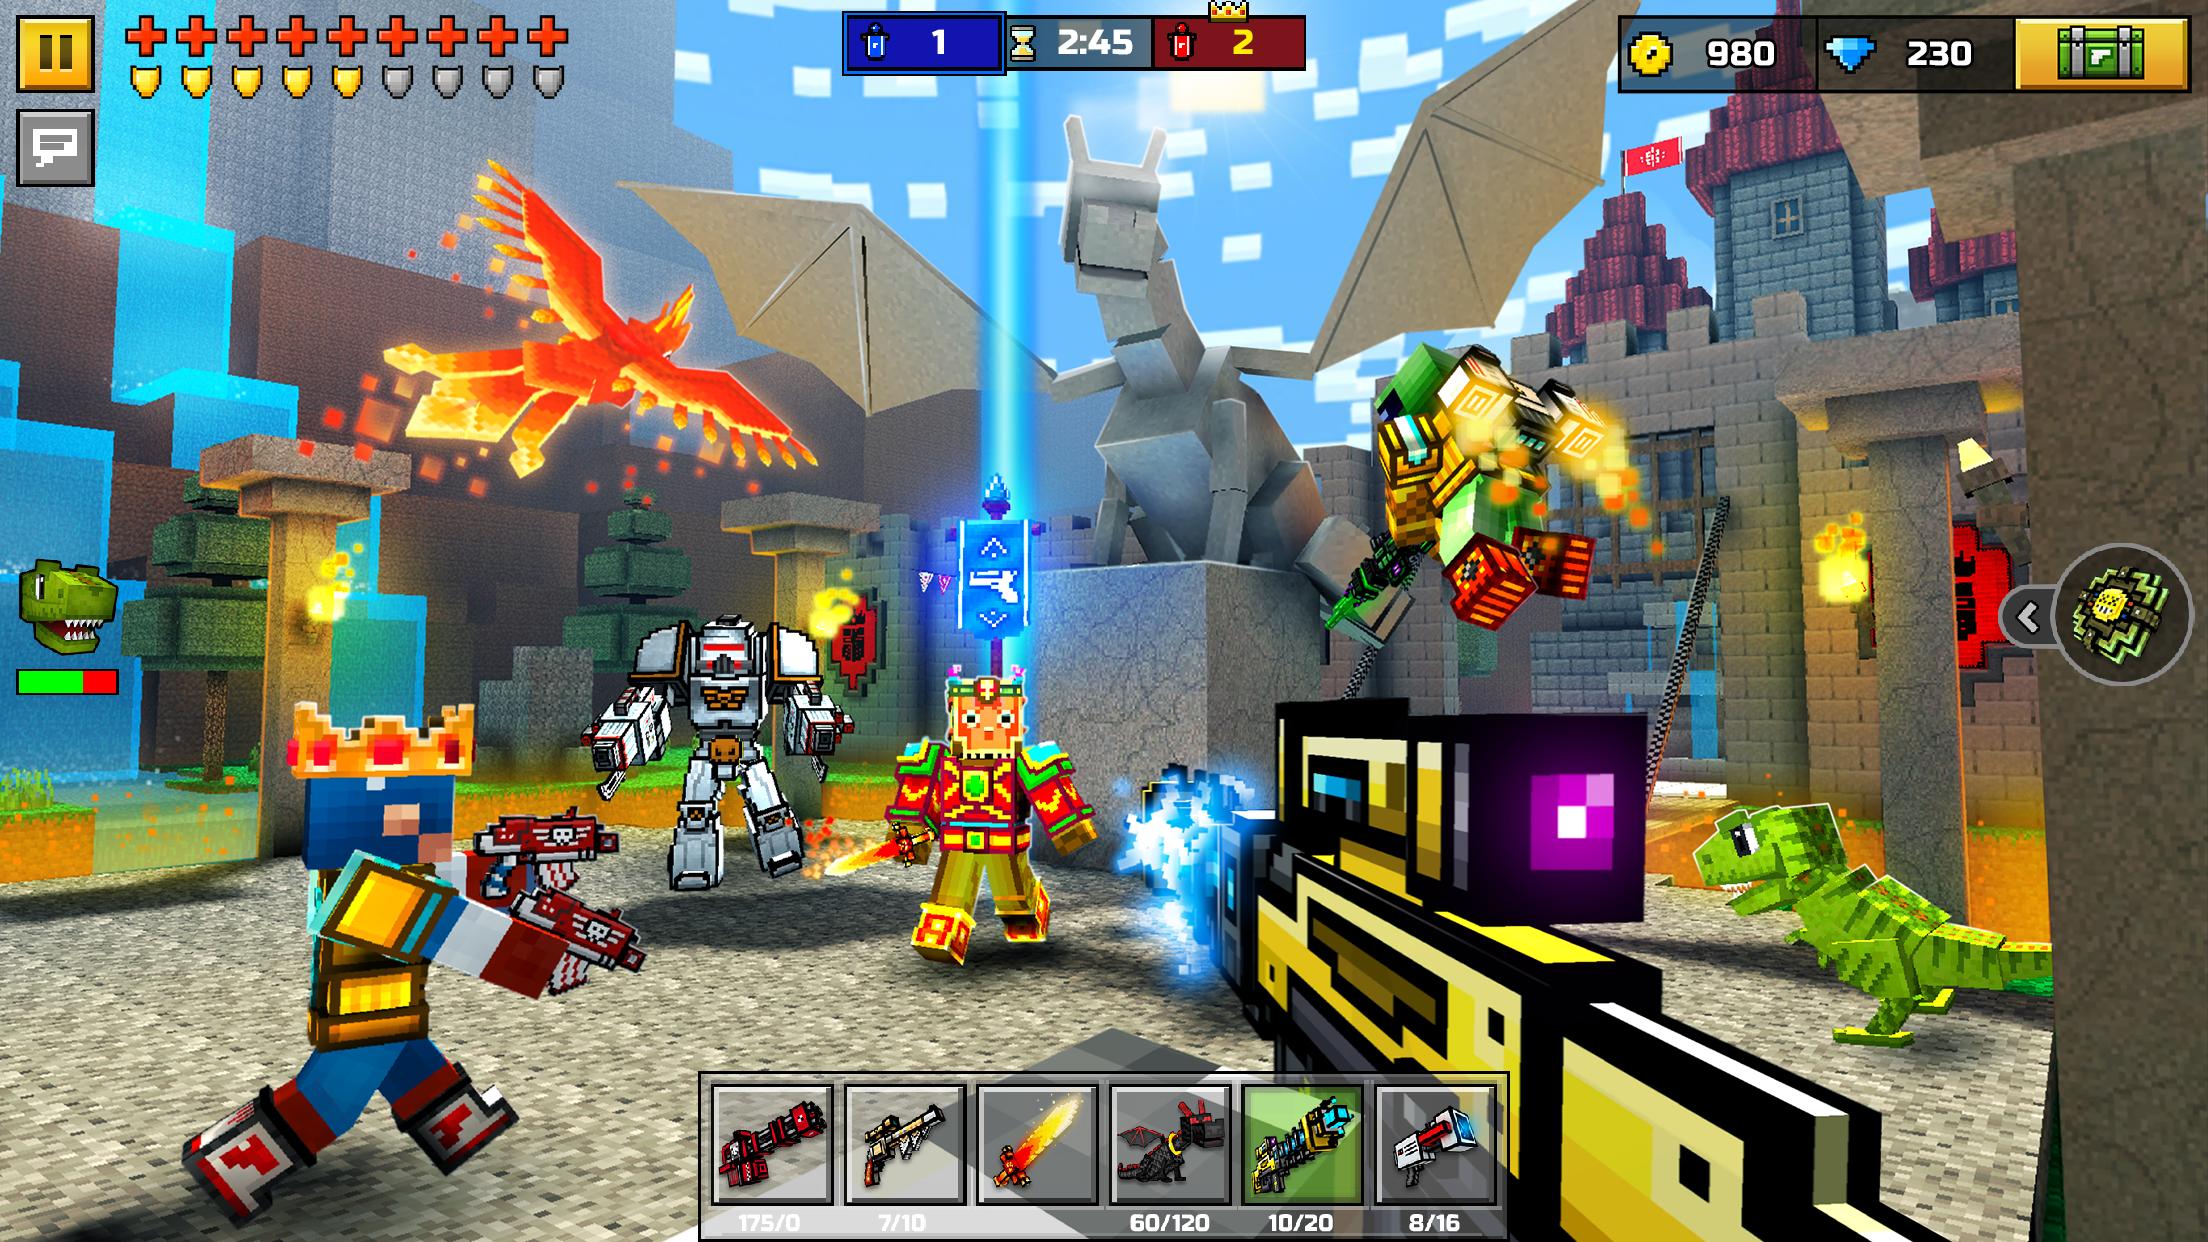 Pixel Gun 3D: Battle Royale Screenshot